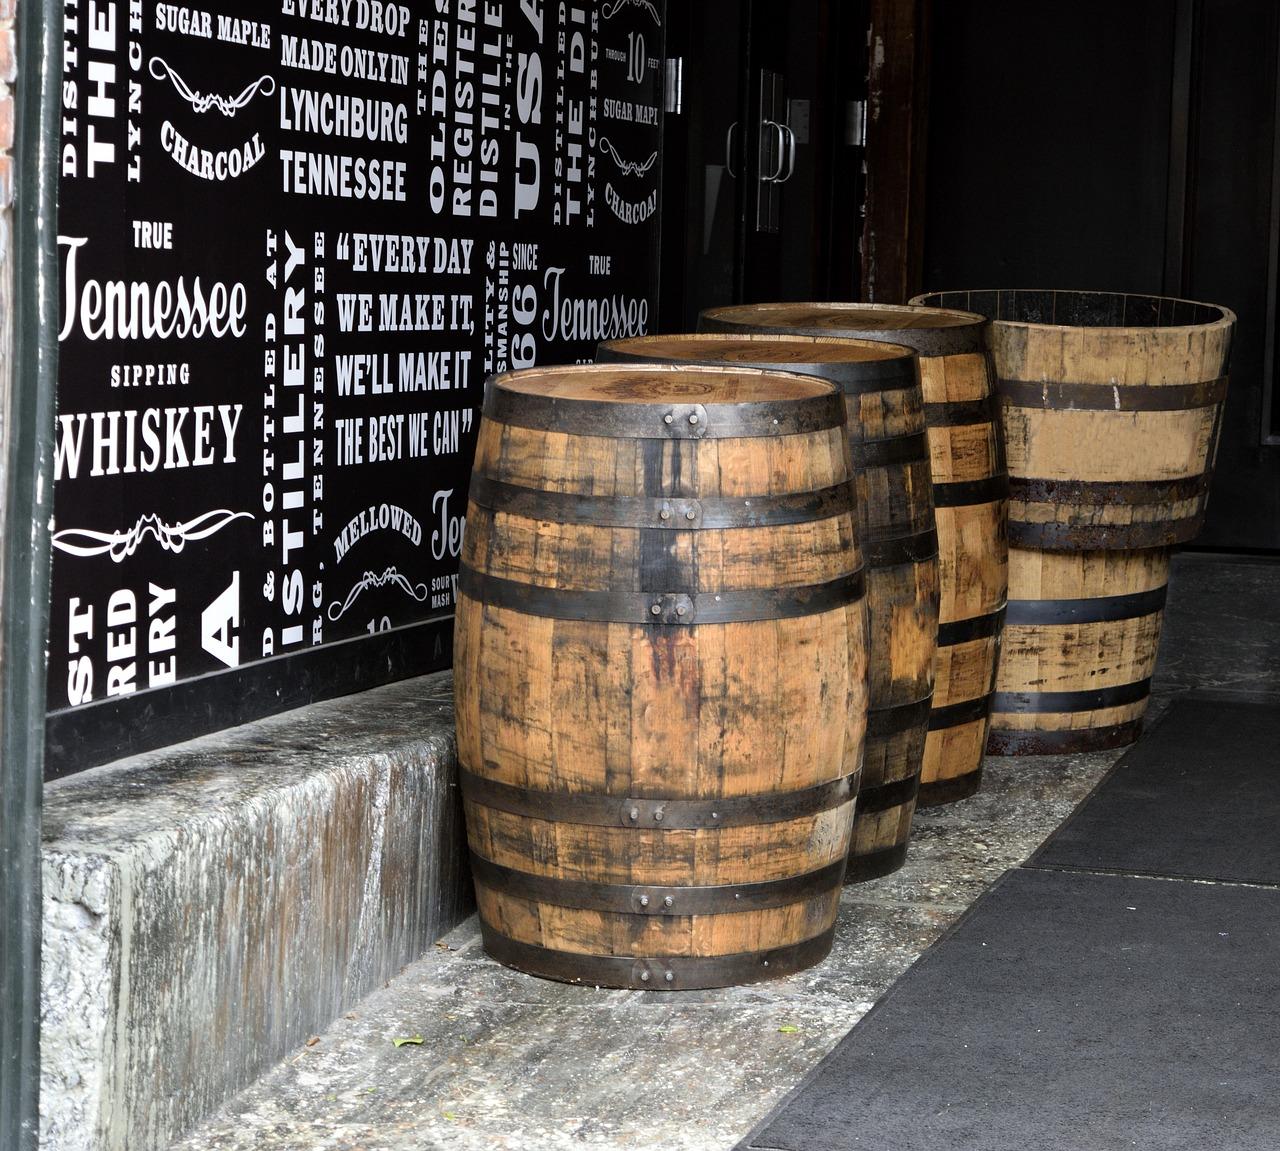 【バーボンウイスキーでハイボール】コスパ重視で選ぶ!おすすめ銘柄15選 一杯の値段付